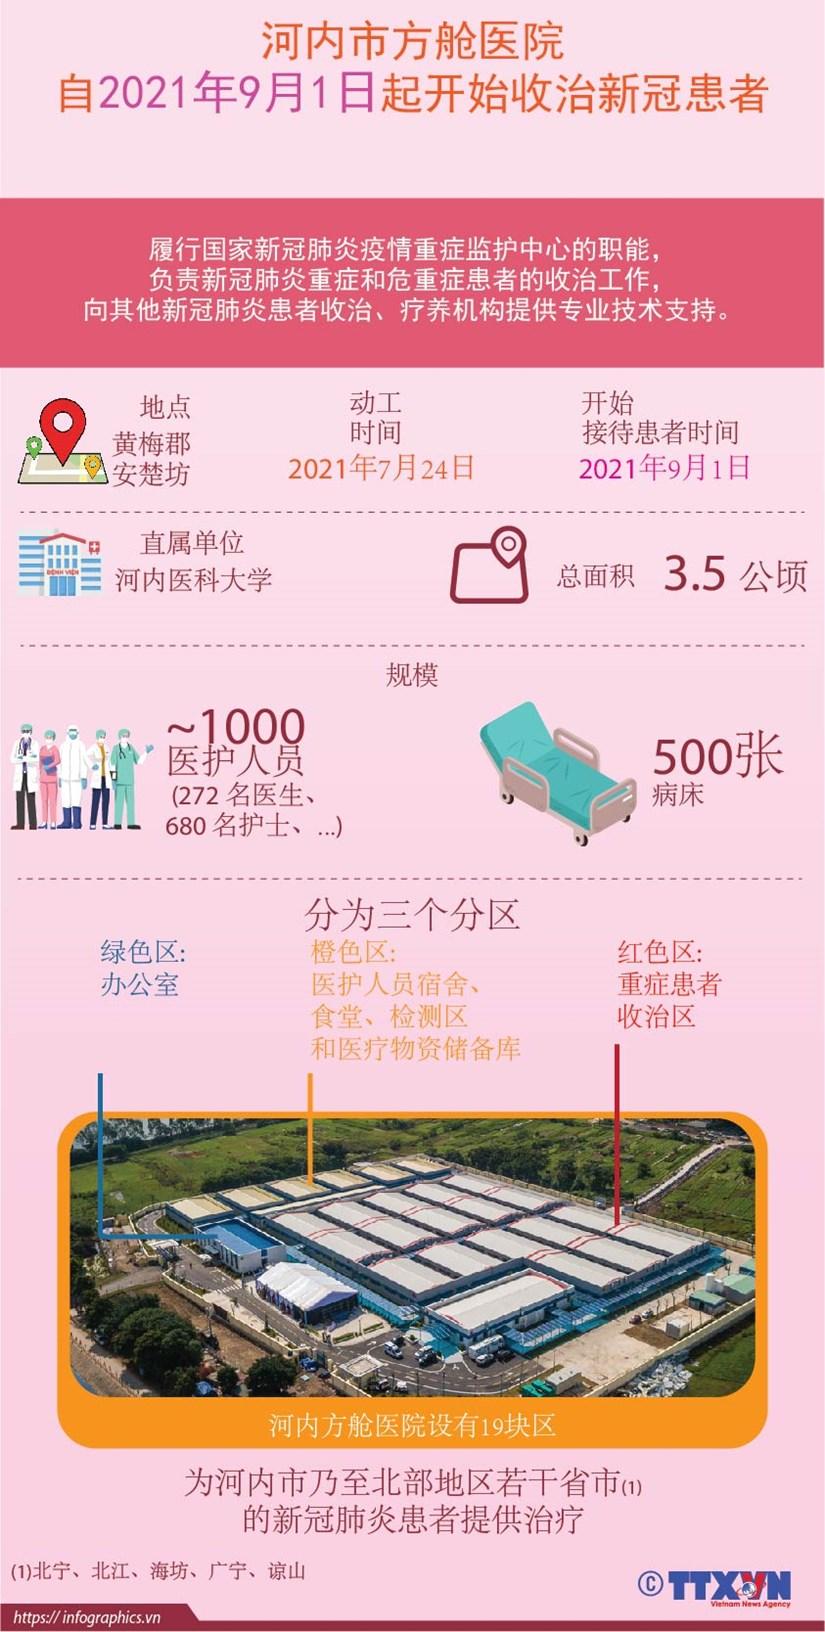 图表新闻:河内市方舱医院为河内与附近省份新冠肺炎患者提供治疗服务 hinh anh 1